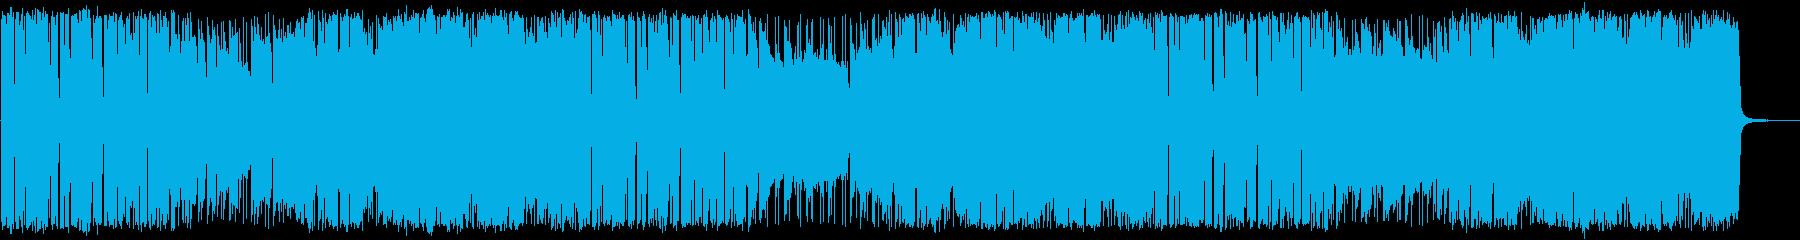 おしゃれかつクールで都会的な曲の再生済みの波形